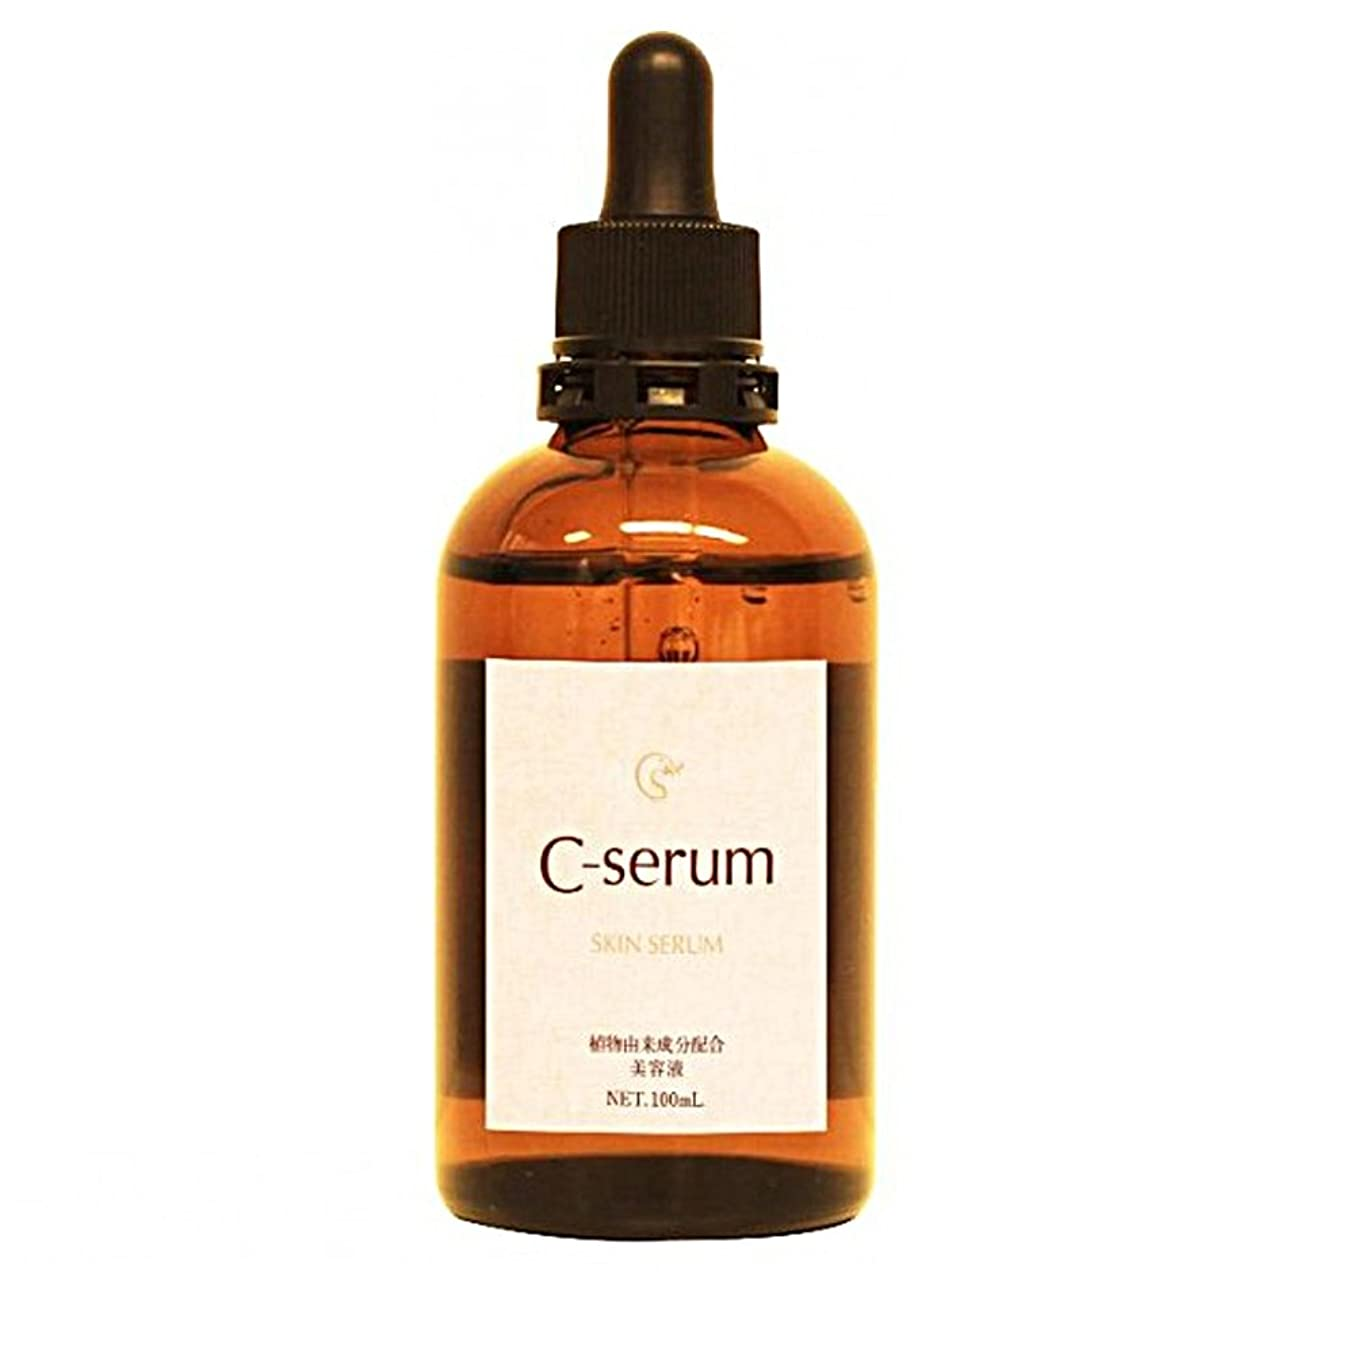 隣人息切れ君主制C-SERUM(C-セラム)透明感美容液 100ml